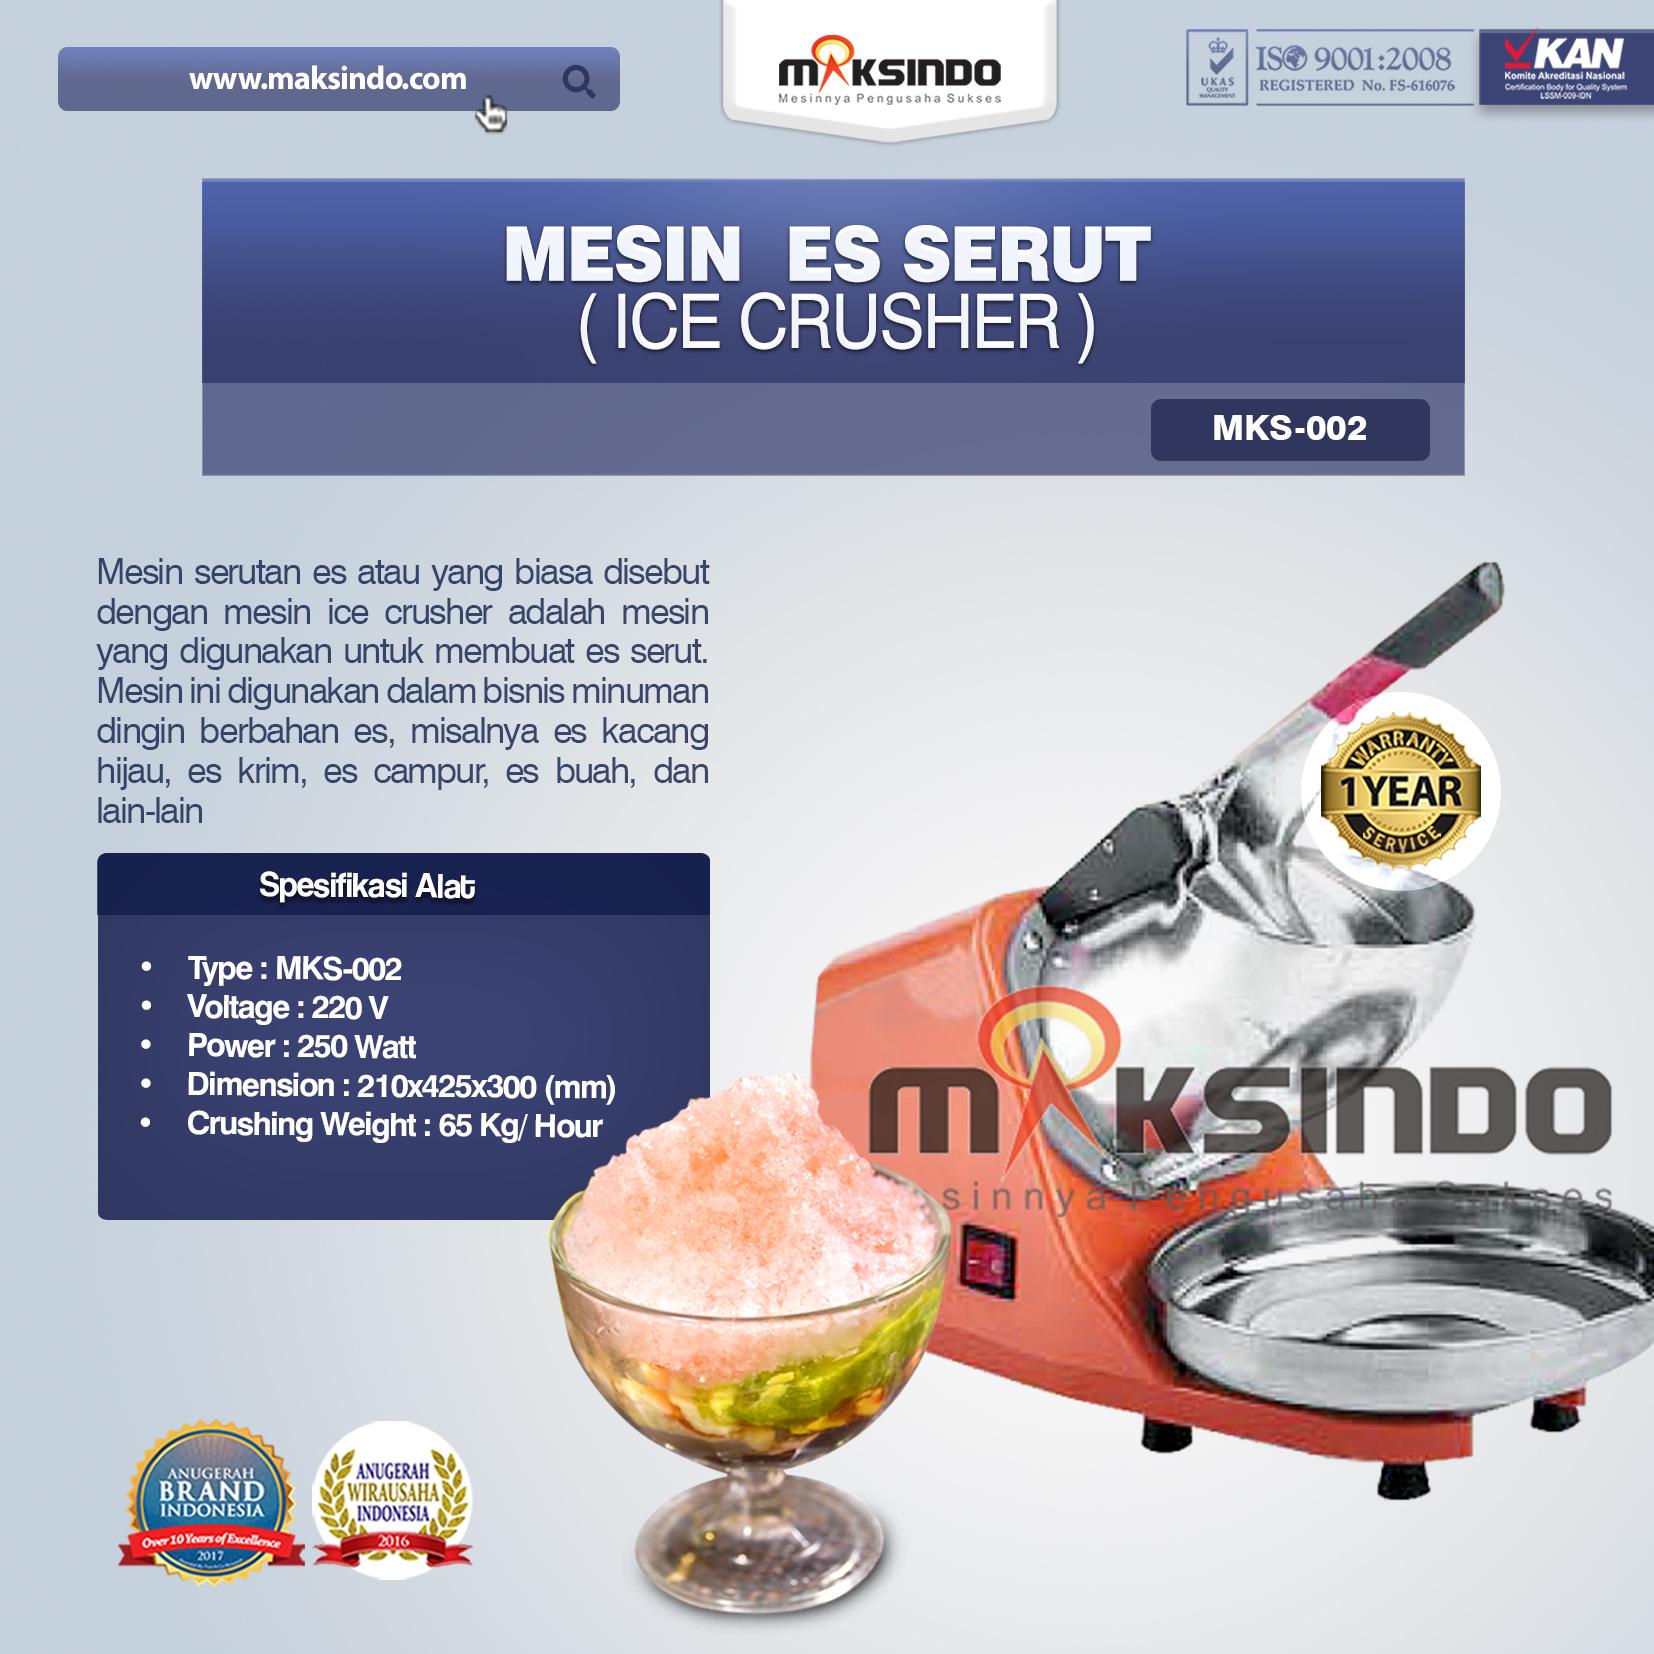 Mesin Ice Crusher MKS-002